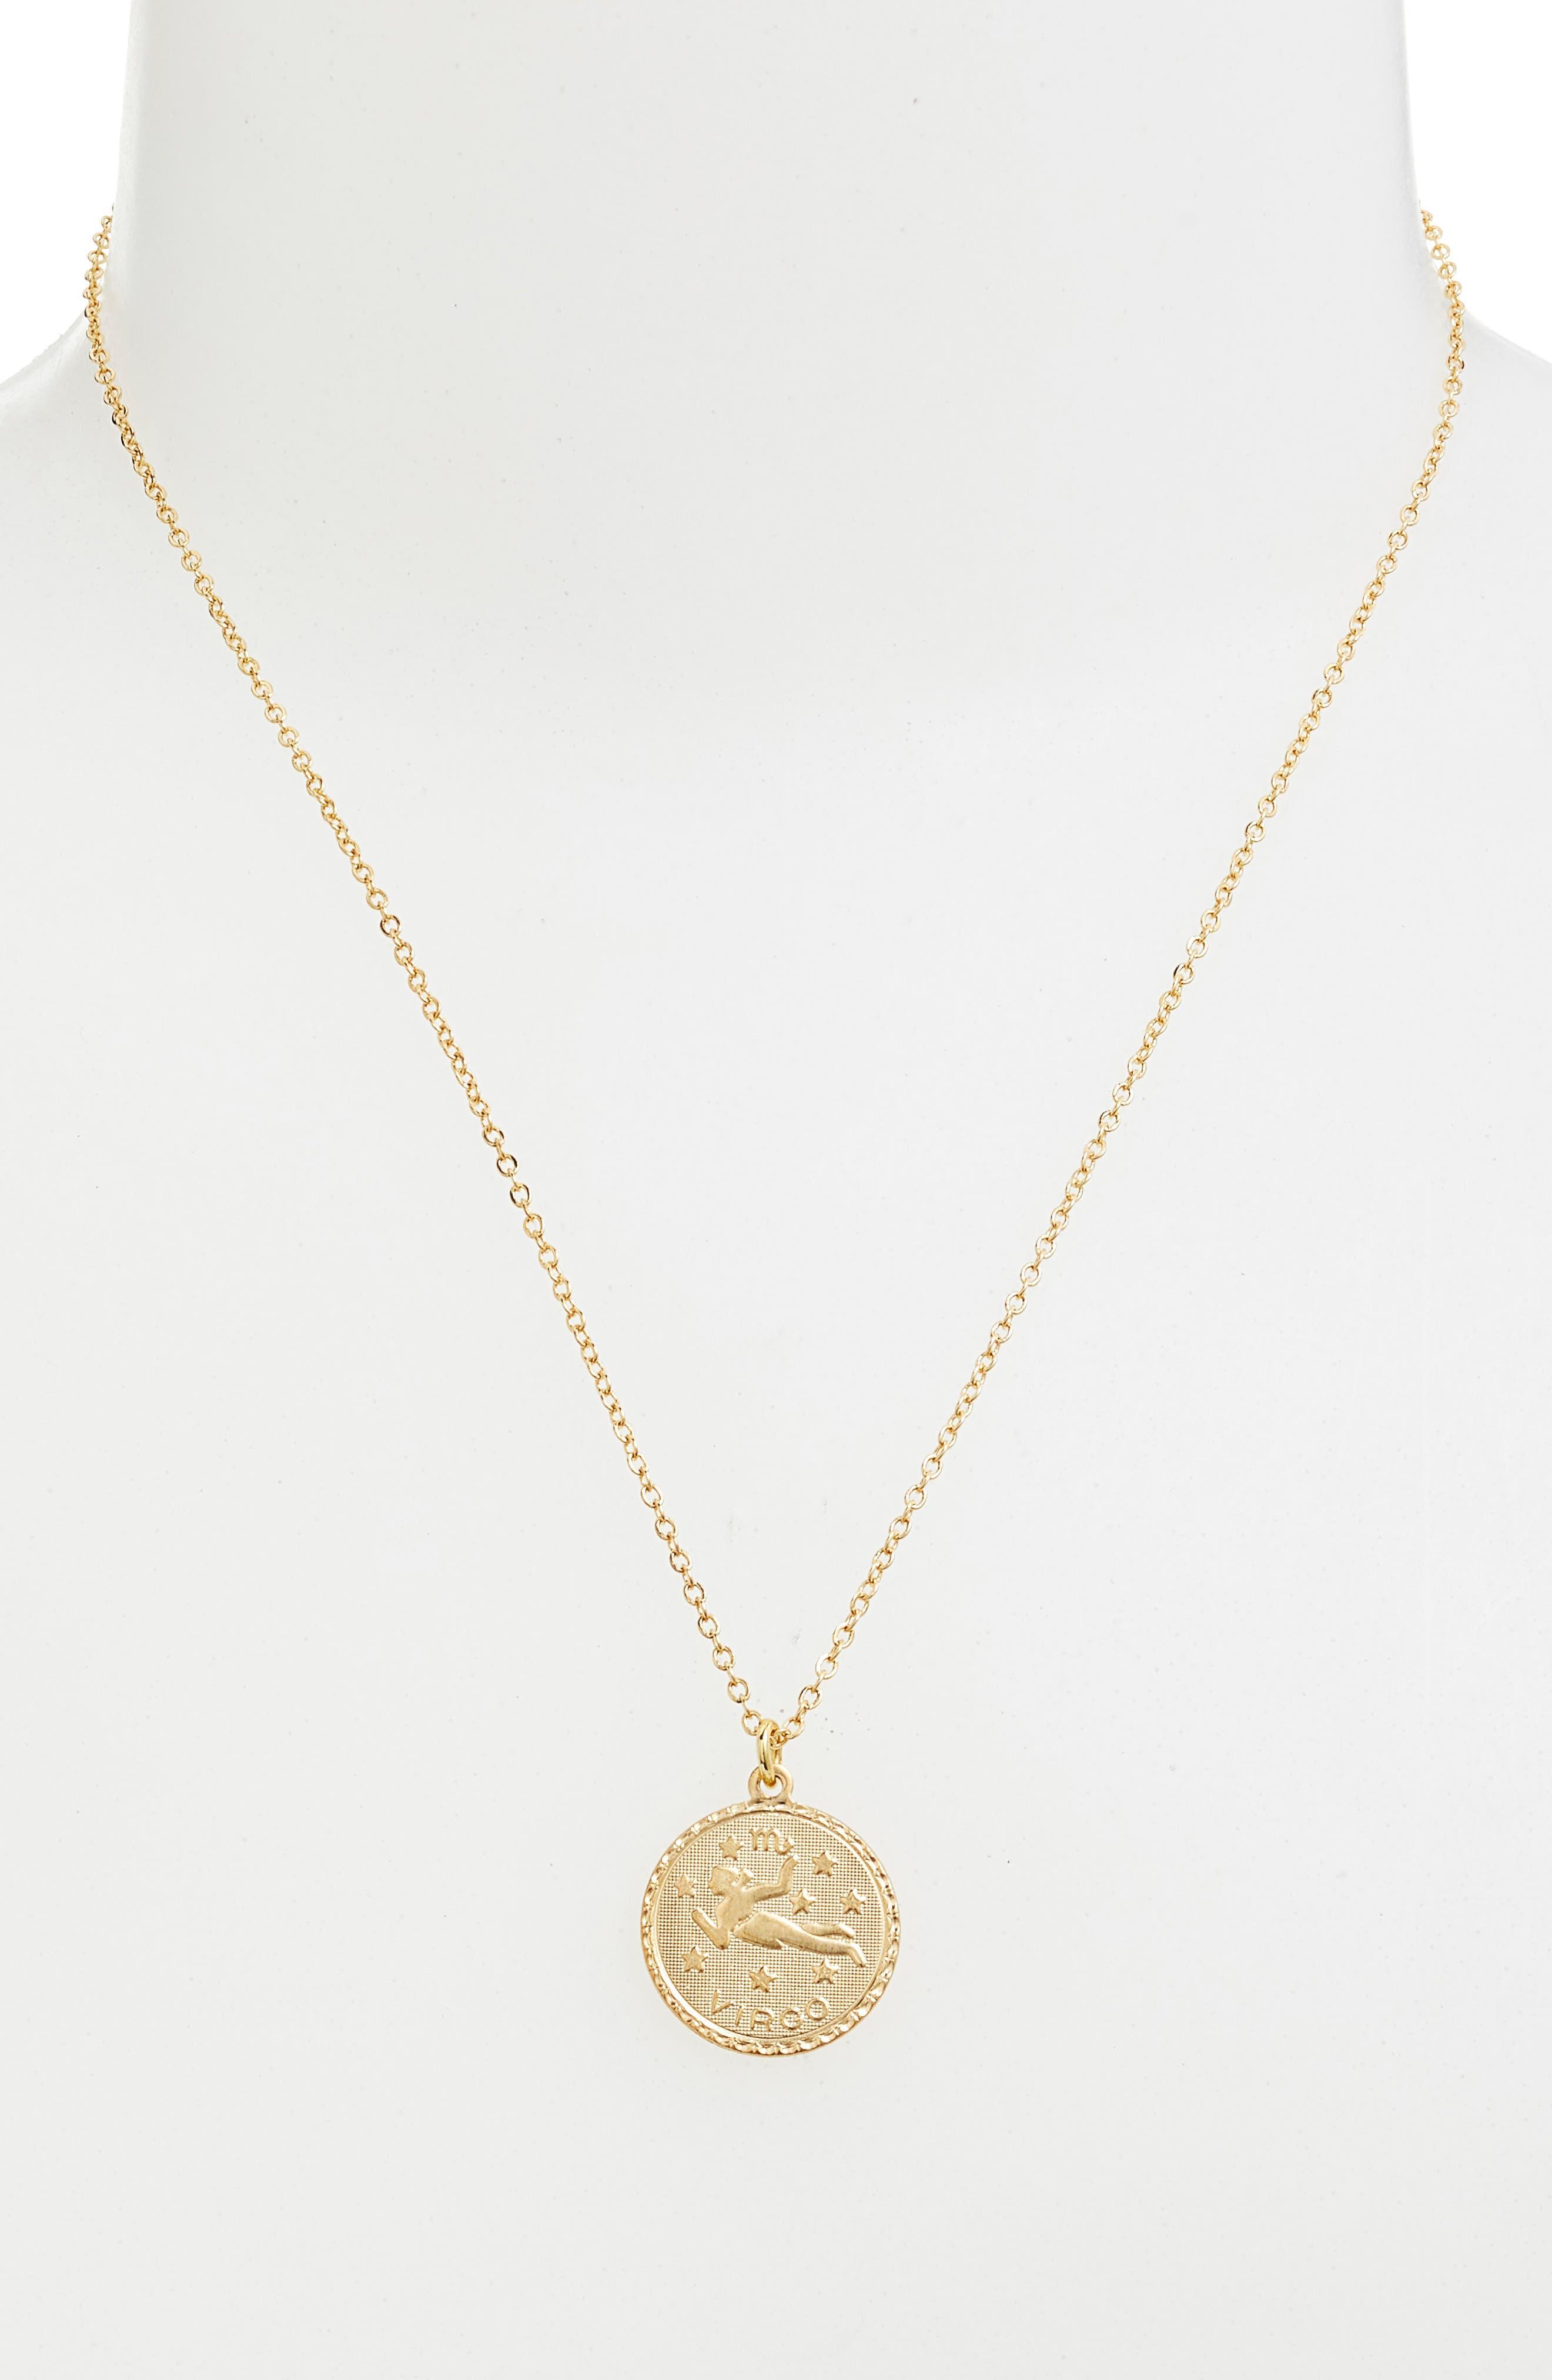 Zodiac Coin Pendant Necklace,                             Alternate thumbnail 2, color,                             GOLD-VIRGO